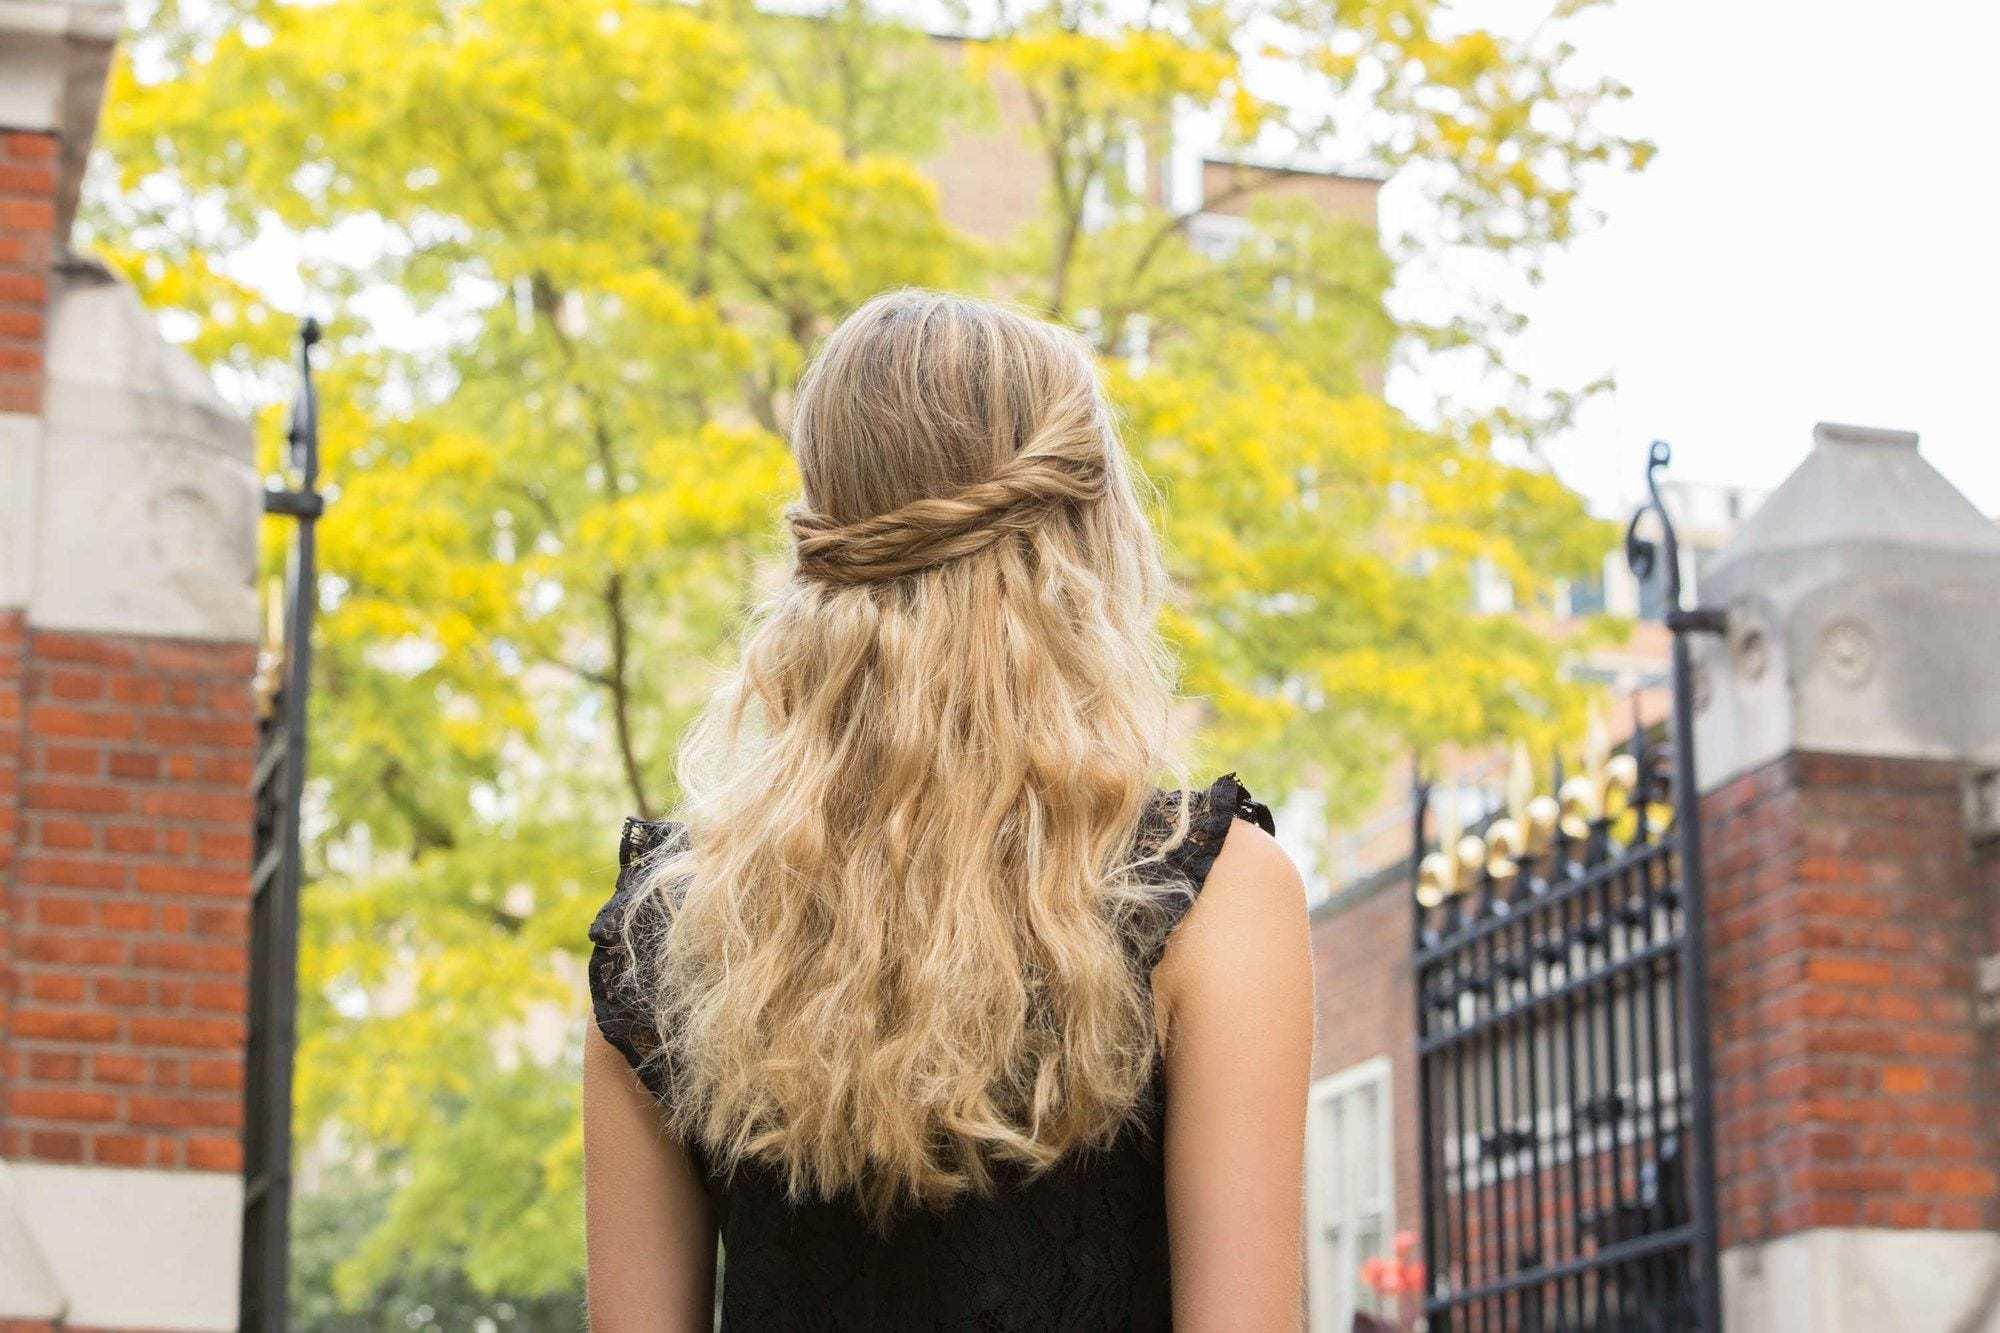 idées de coiffure pour le bal de fin d'année : gros plan arrière d'une femme aux cheveux blonds dorés ondulés, coiffée en une coiffure torsadée, mi-haut, mi-bas, portant une chemise noire et posant à l'extérieur